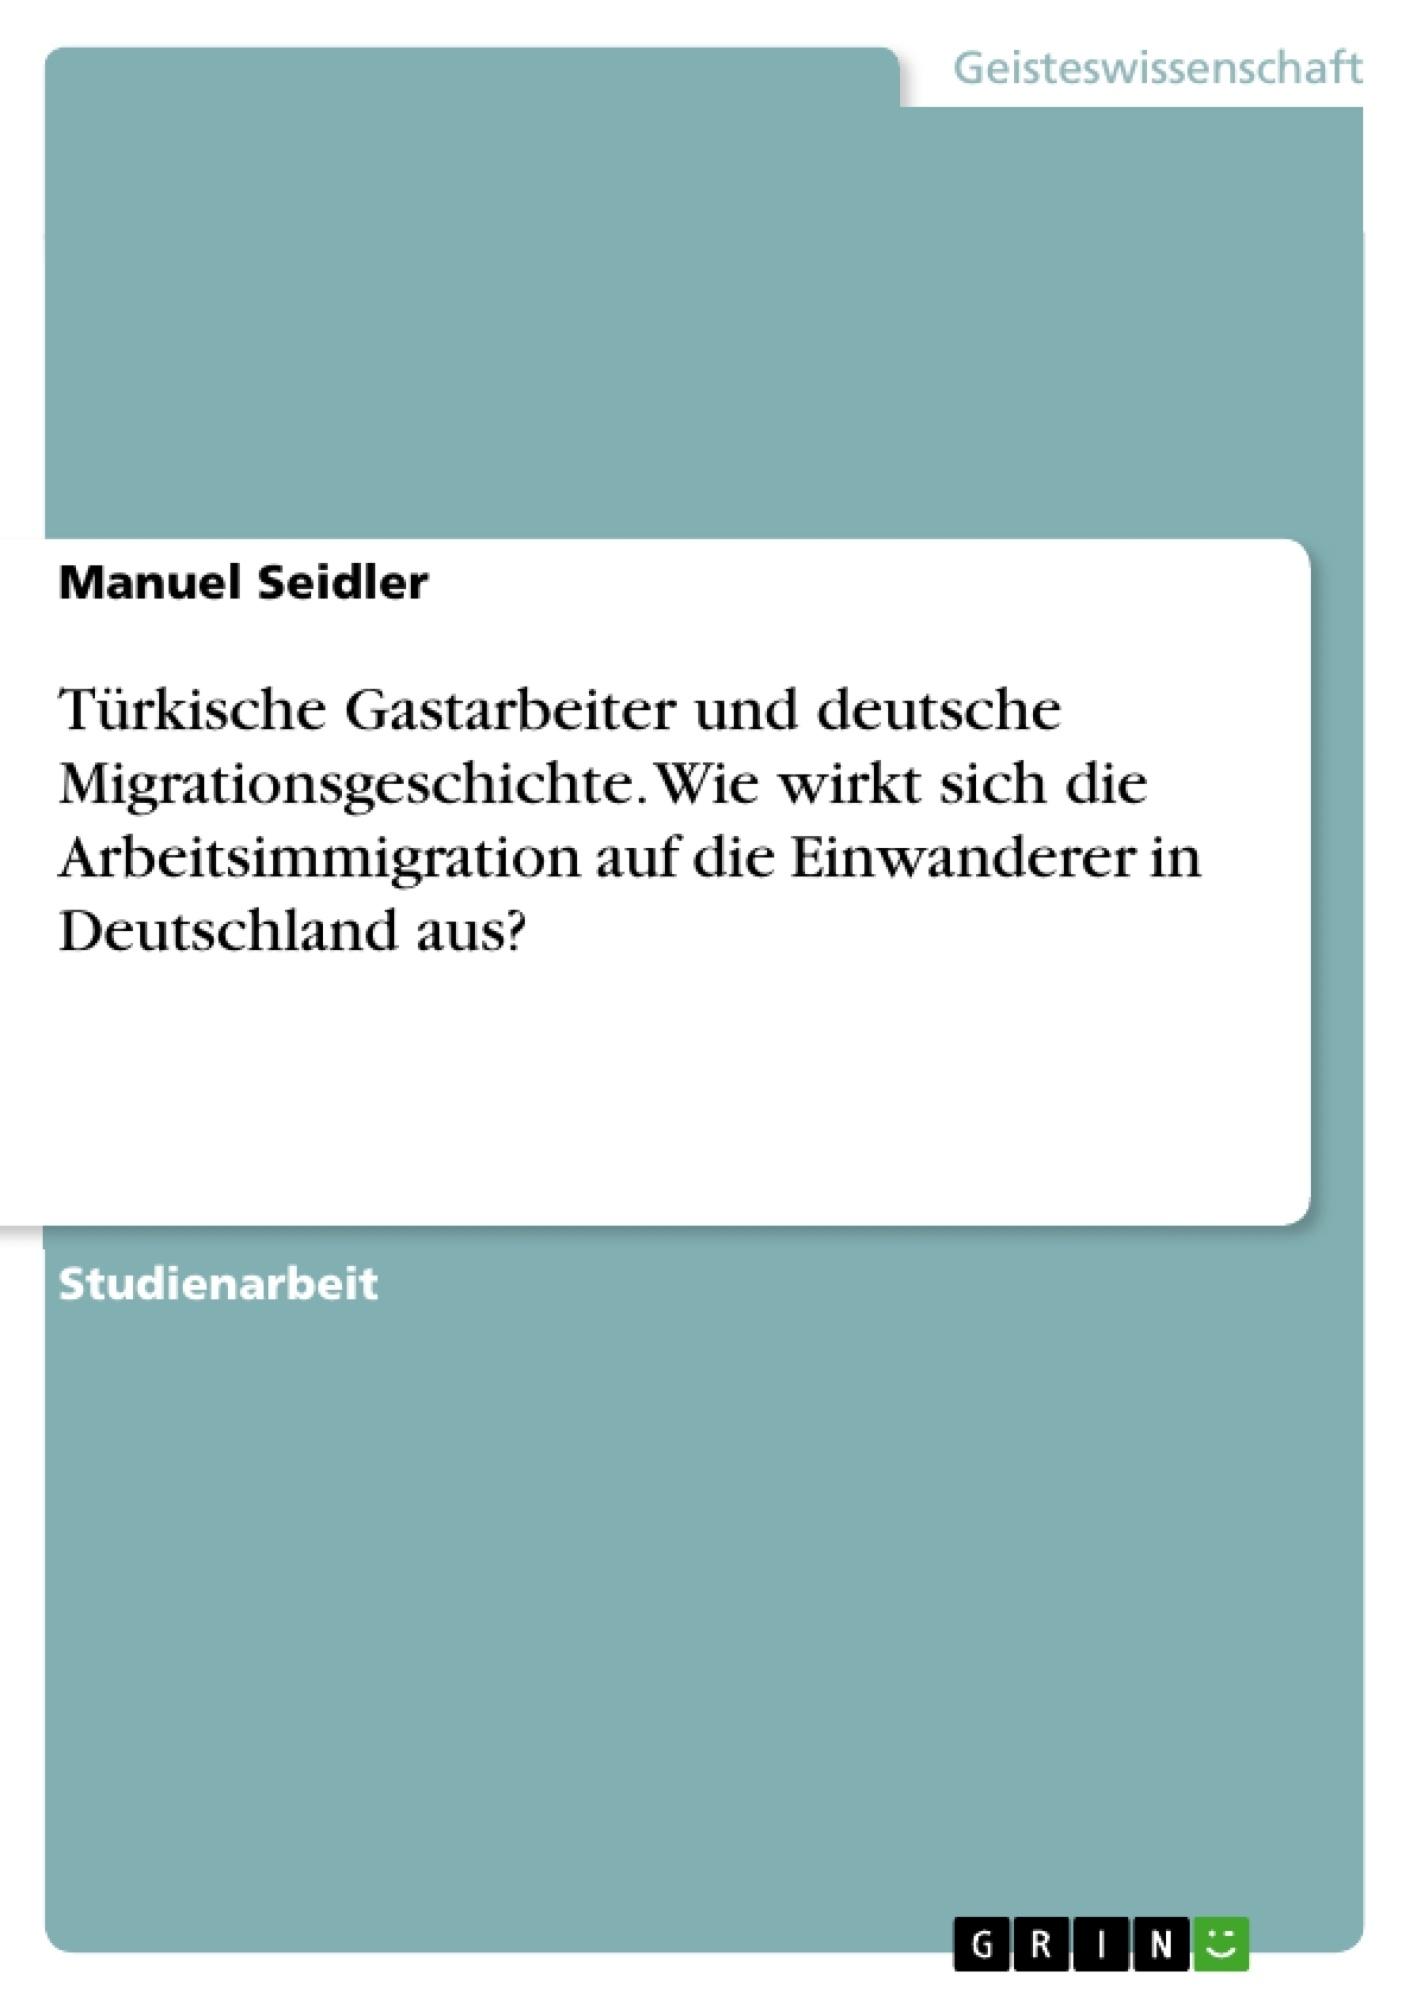 Titel: Türkische Gastarbeiter und deutsche Migrationsgeschichte. Wie wirkt sich die Arbeitsimmigration auf die Einwanderer in Deutschland aus?